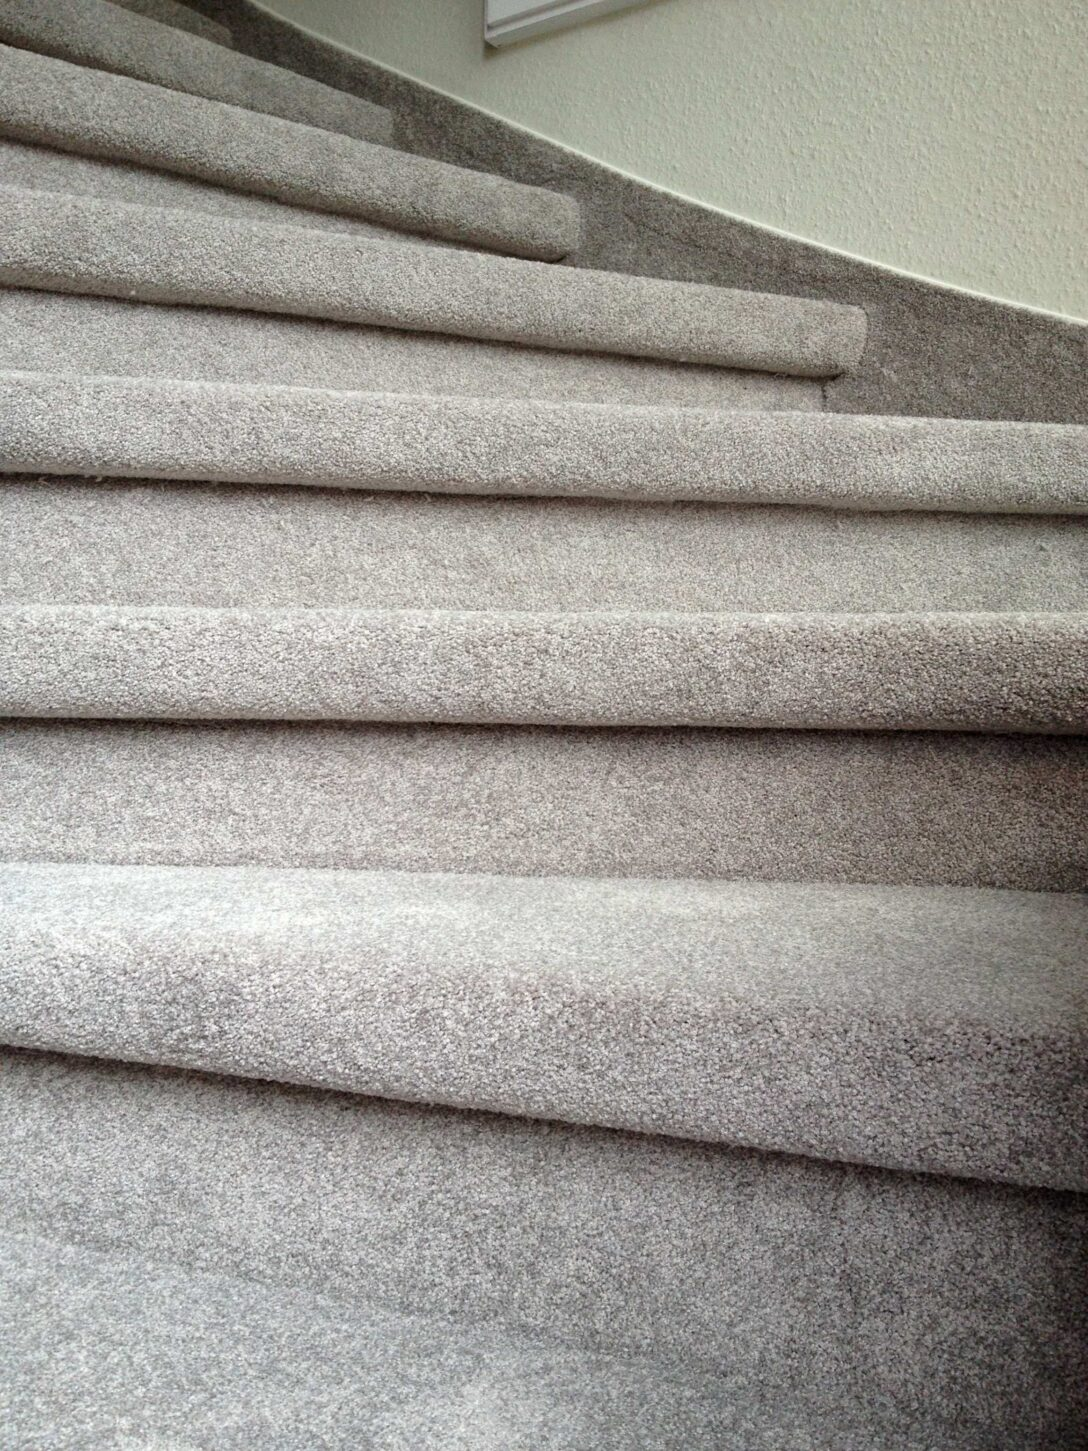 Large Size of Teppich Lufer Rot Frisch Flur Ikea Tolles Wohnzimmer Ideen Betten 160x200 Bei Modulküche Küche Kosten Kaufen Miniküche Sofa Mit Schlaffunktion Wohnzimmer Küchenläufer Ikea